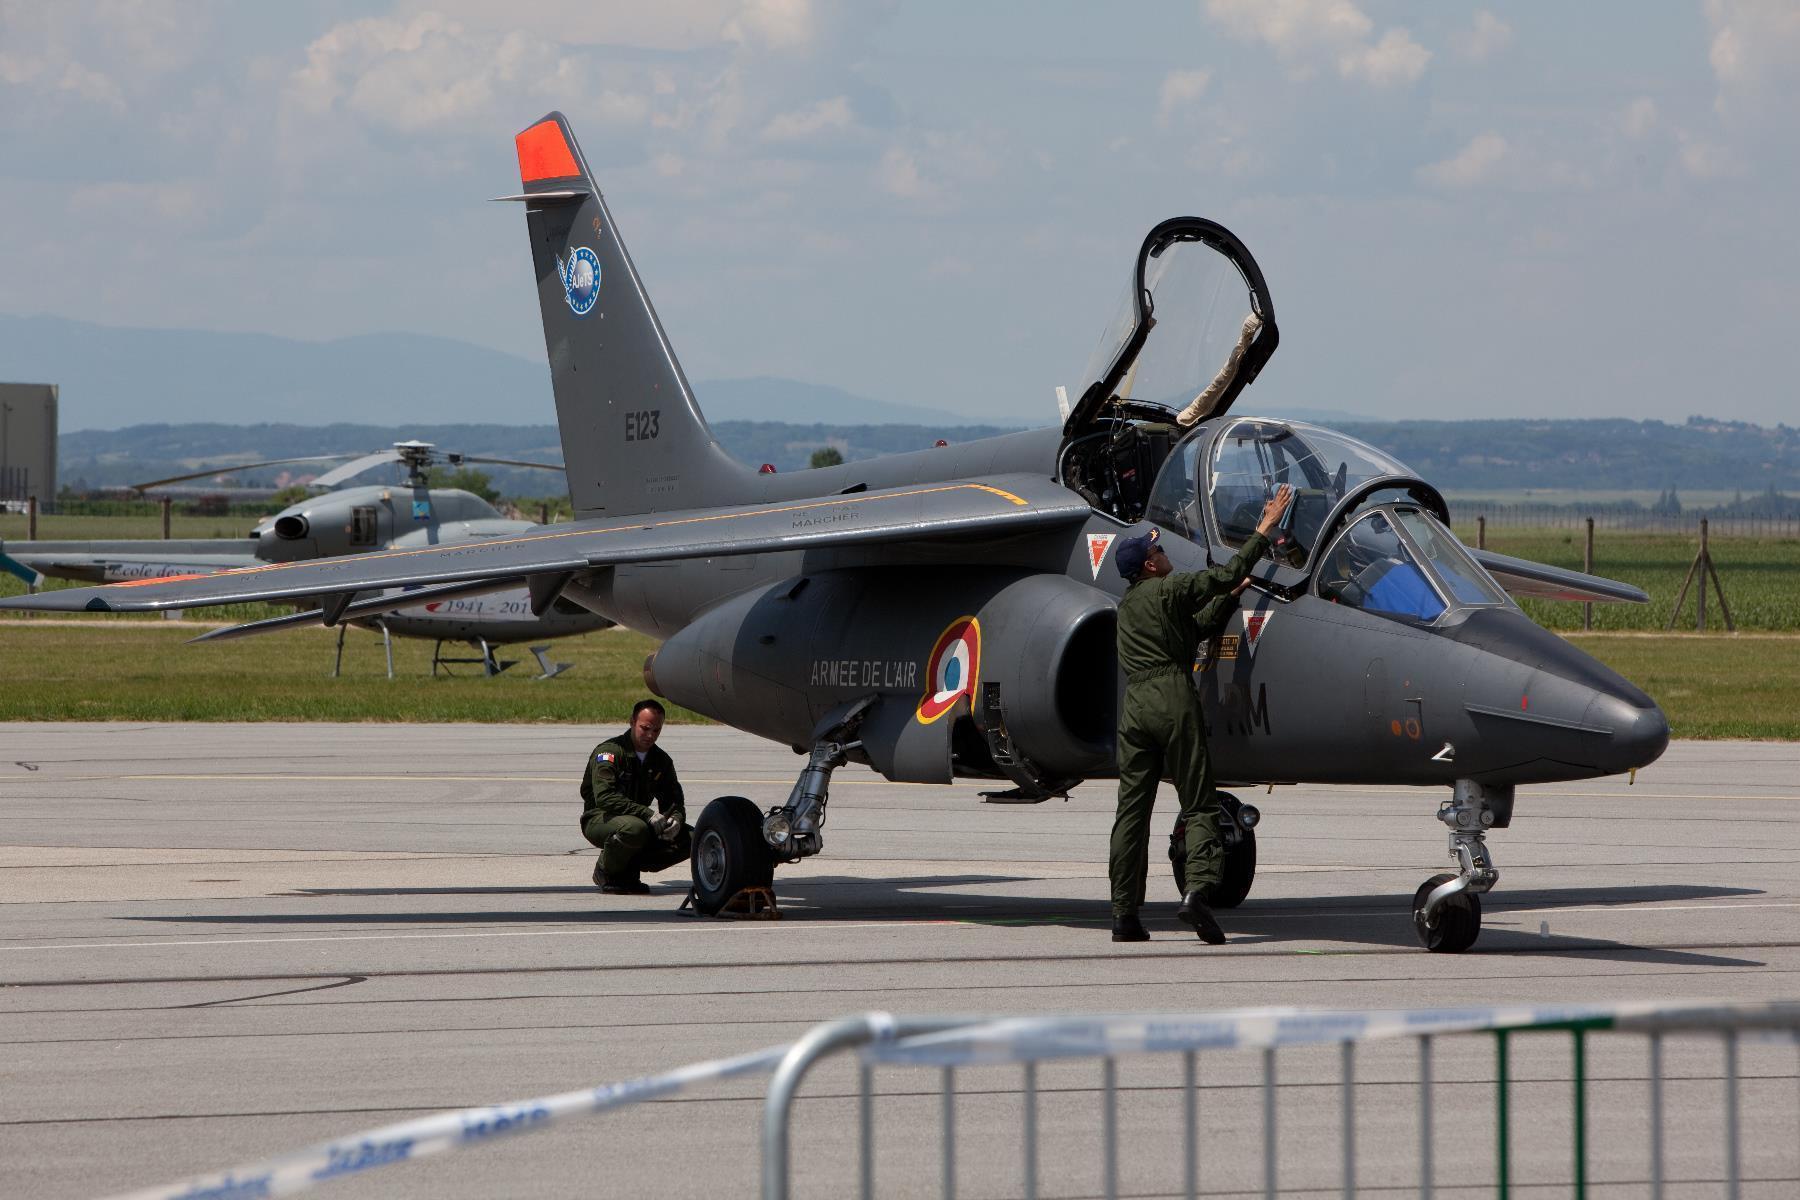 avions-de-chasse_avions-militaires_photos-HD_03